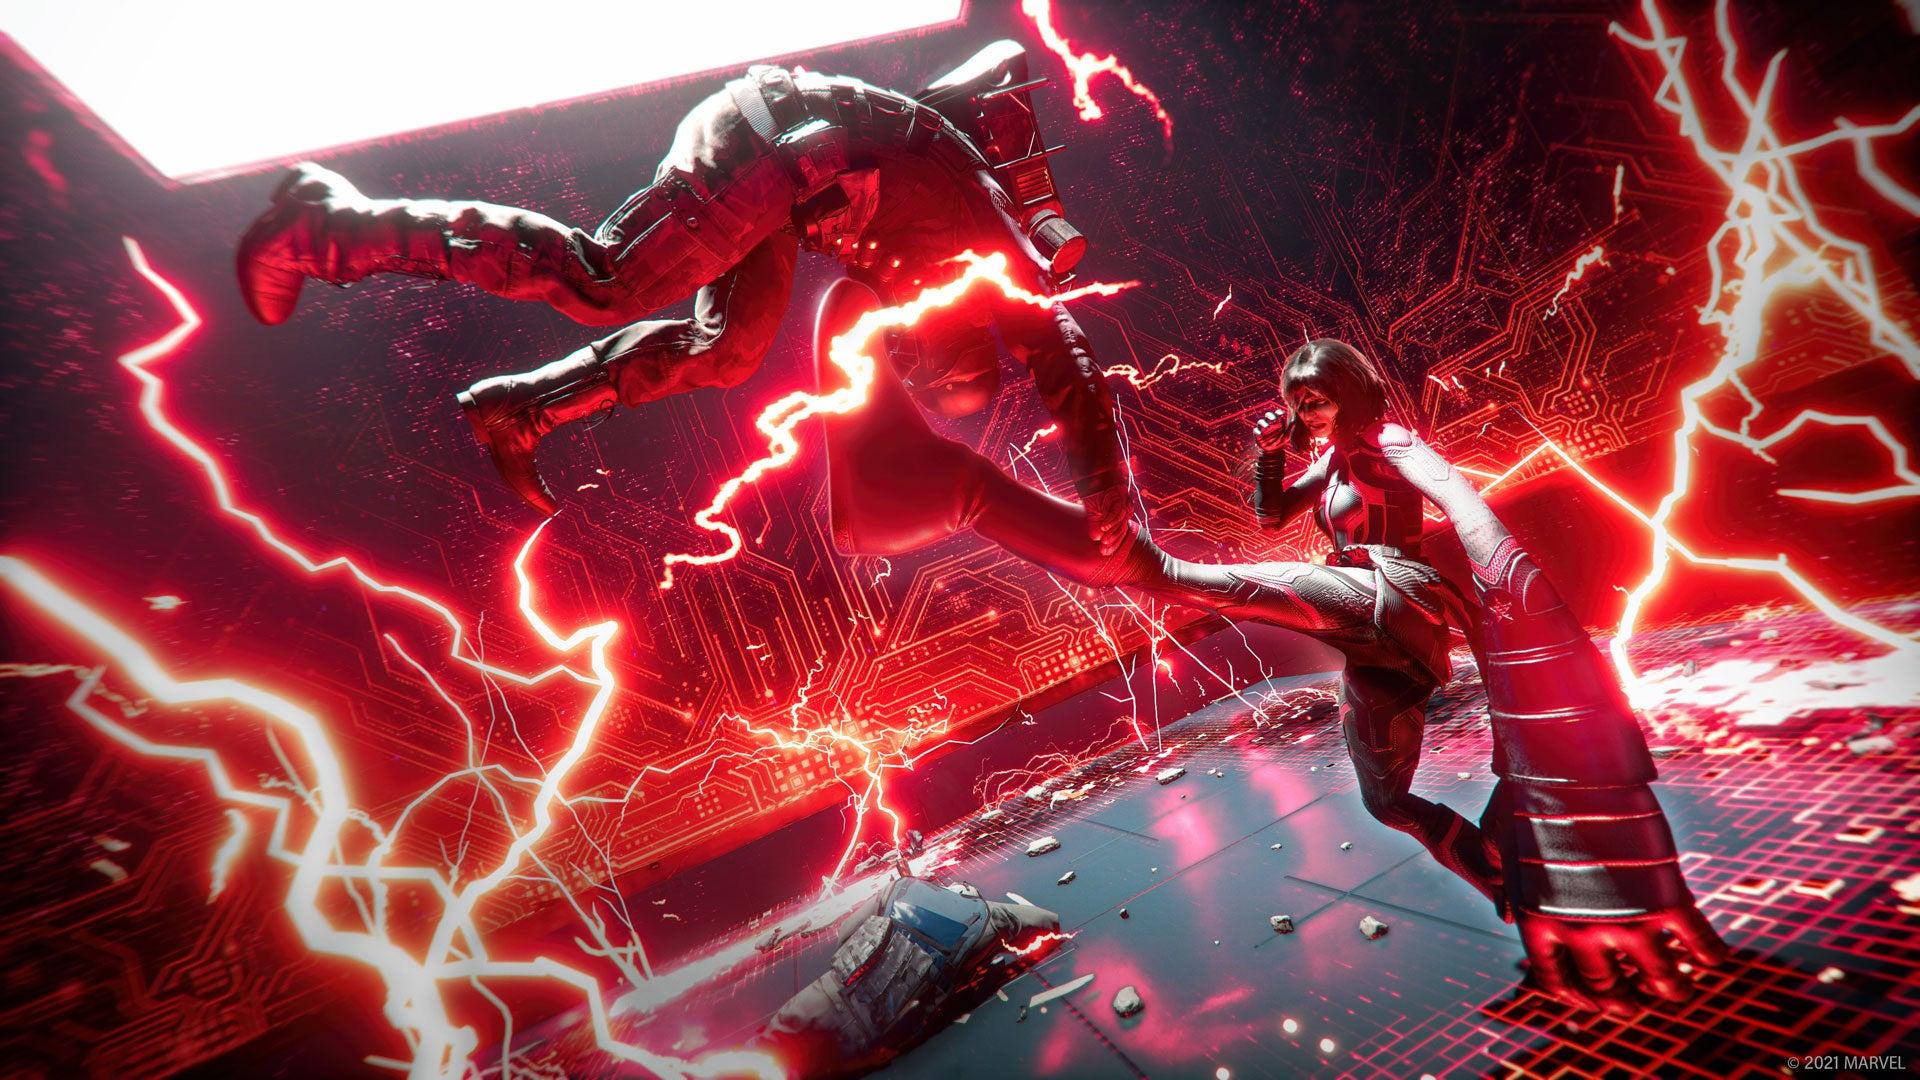 Mavel's Avengers Red Room Takeover